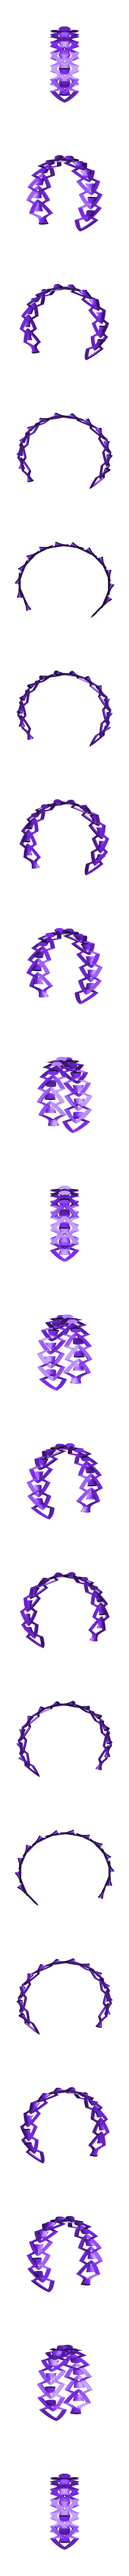 Bracelet taille 4.stl Download free STL file Bracelet • 3D printing model, gialerital